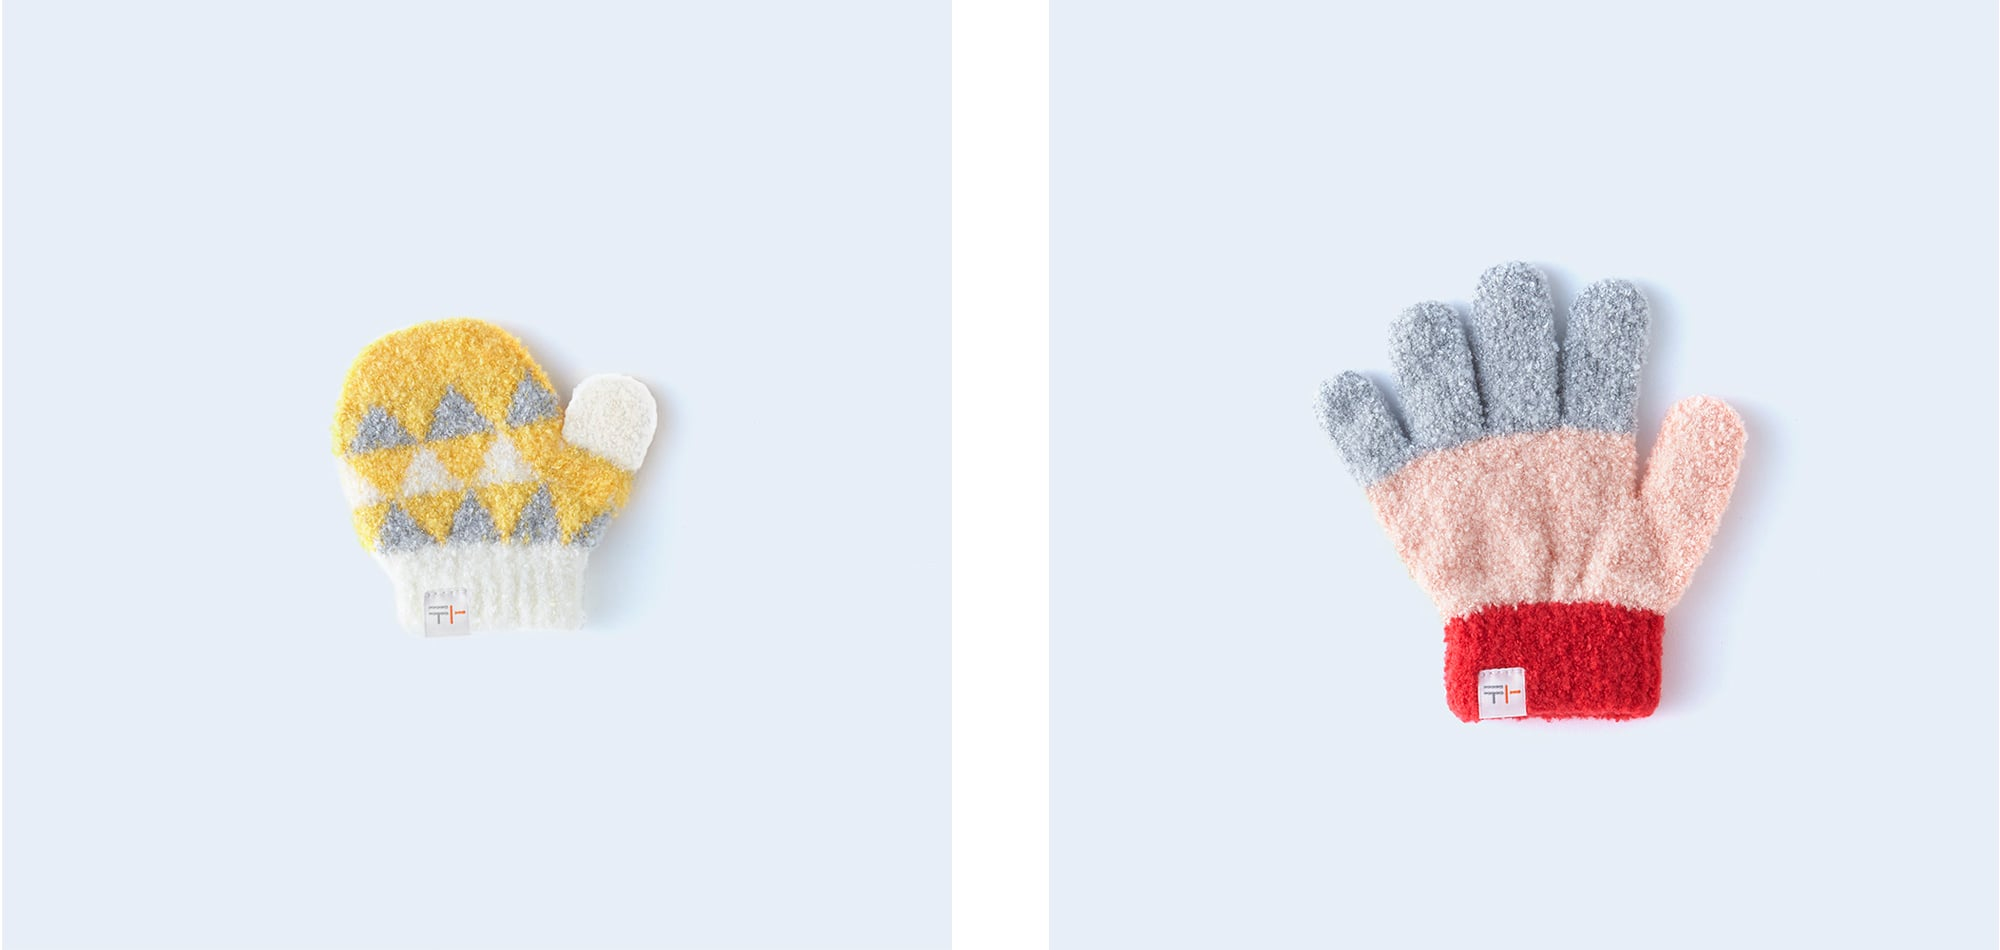 片手ずつでも購入できるのがうれしい。ふわふわ素材の子供用ミトンと手袋。 「sankaku miton KIDS yellow」(両手2,530円、片手1,320円)、「sanshoku KIDS pink 」(両手2,750円、片手1,430円)